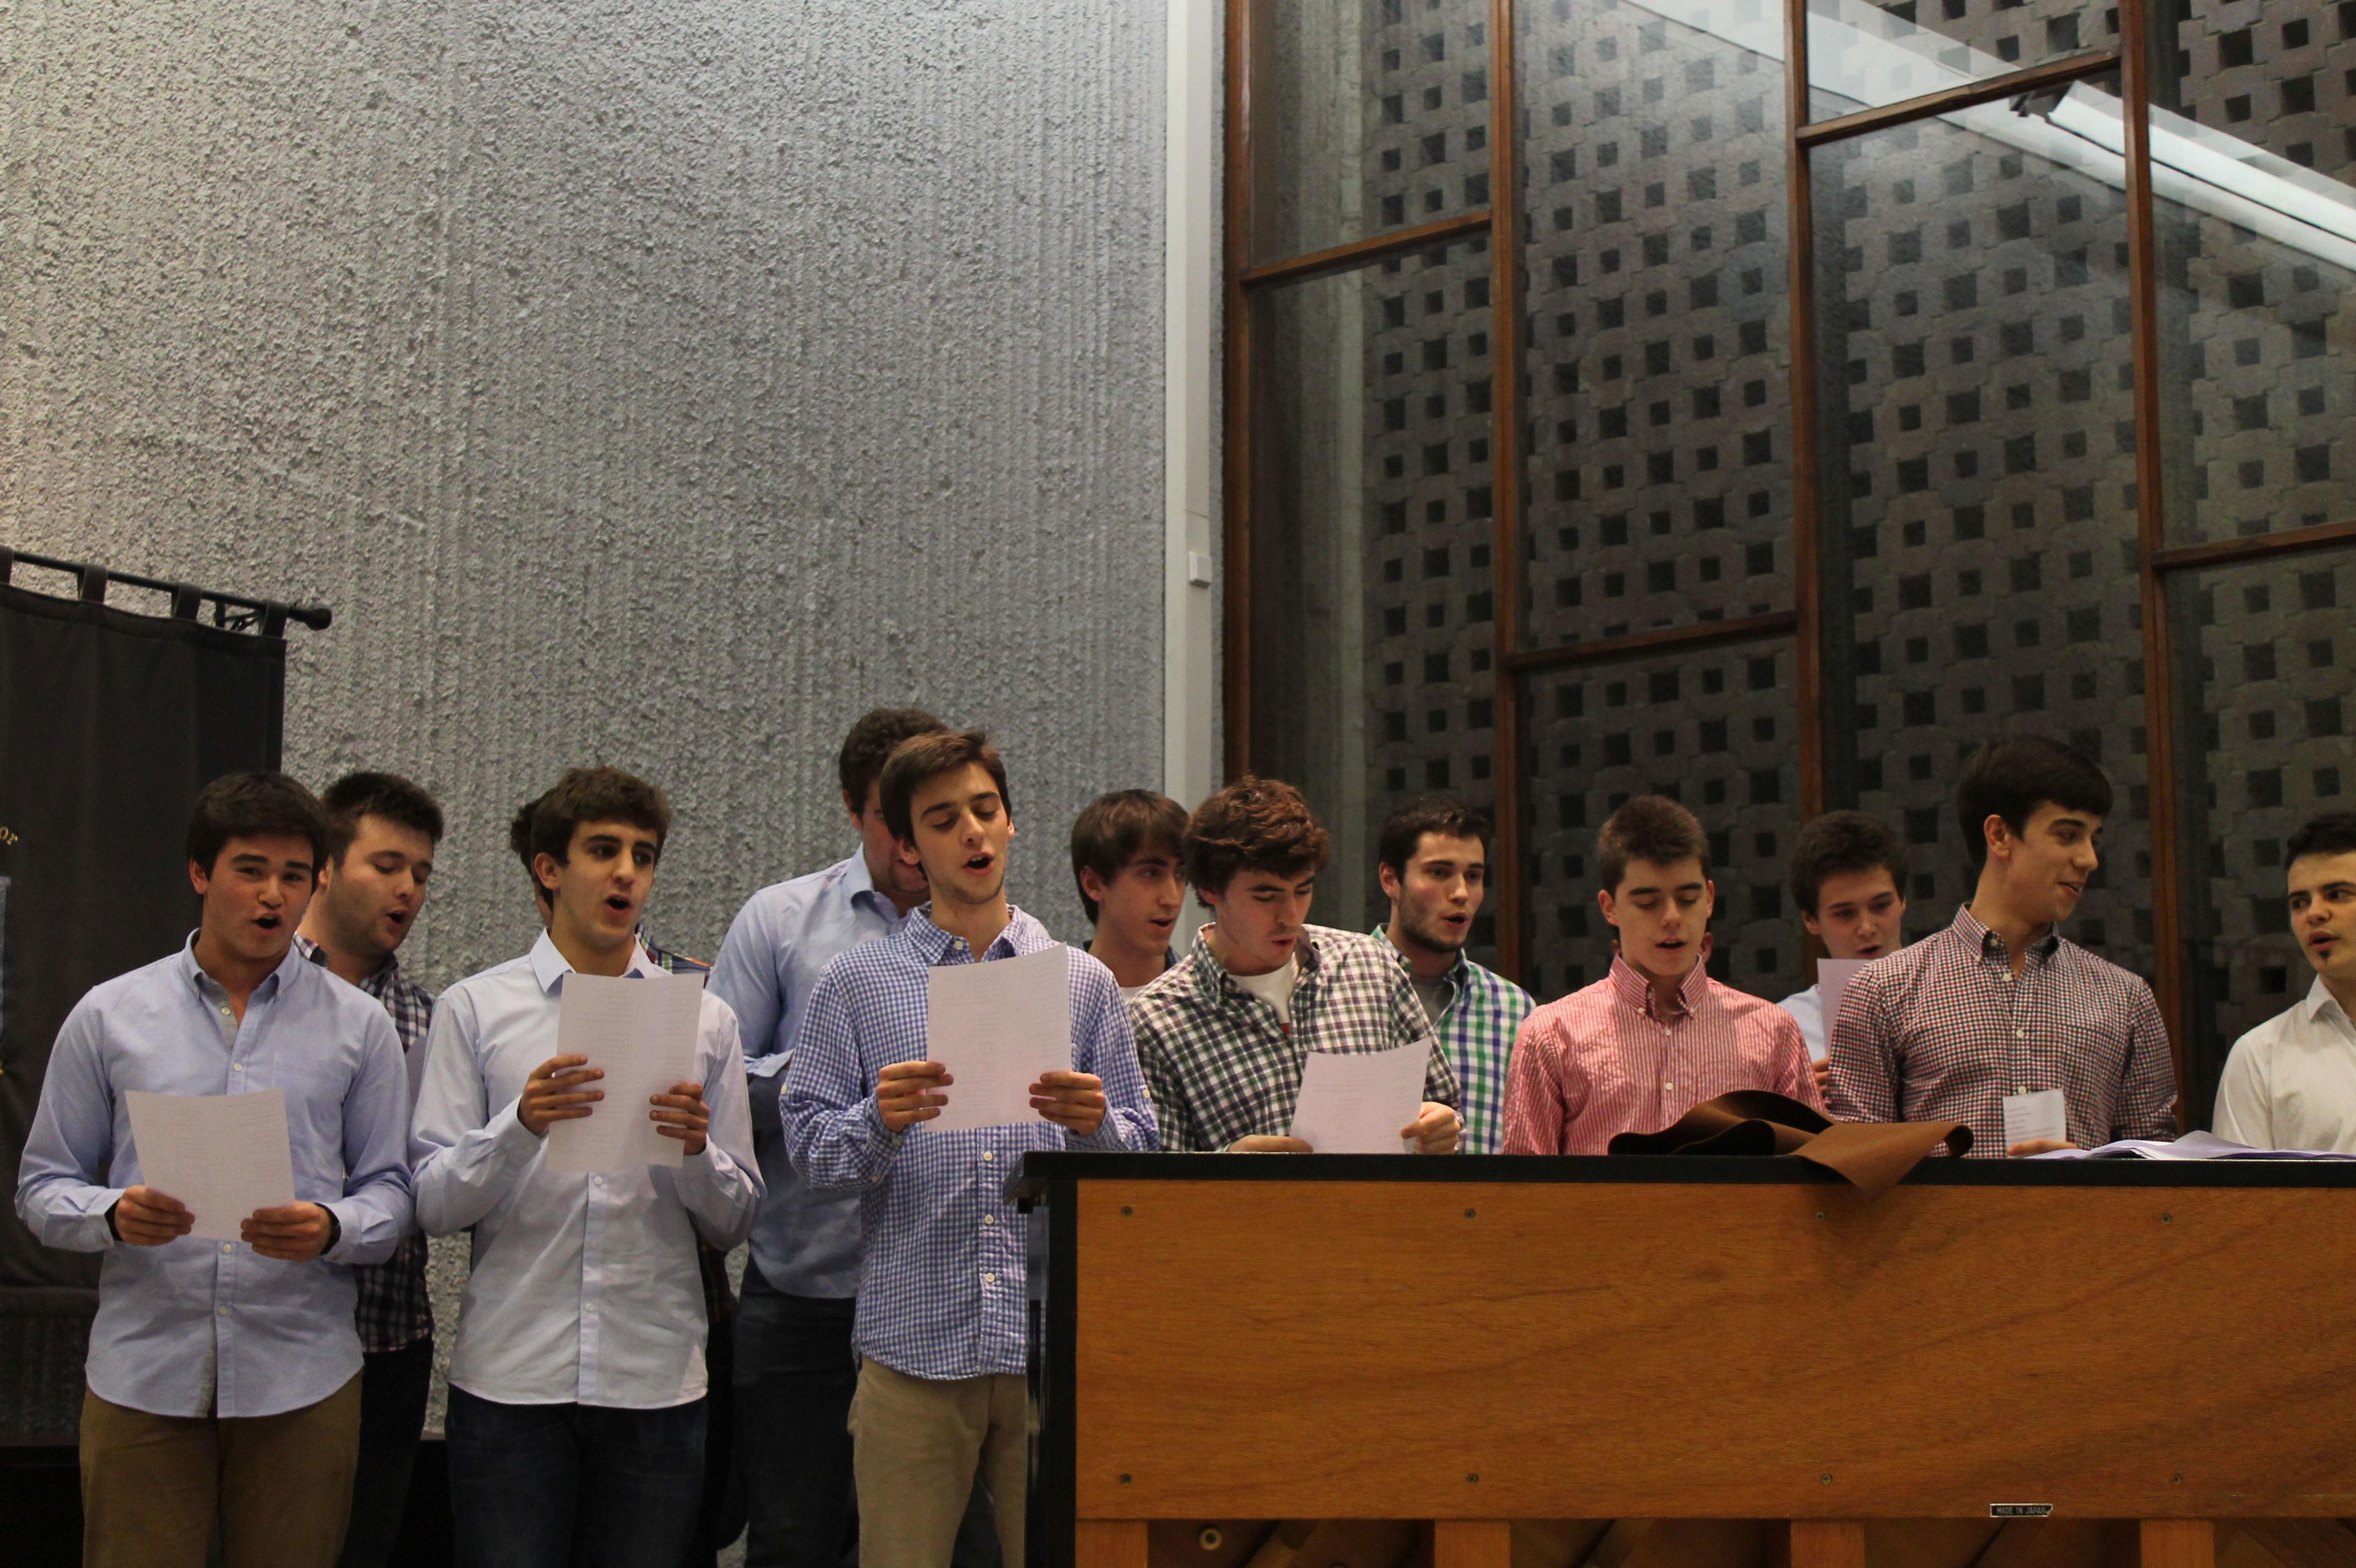 Foto 5 de Residencias de estudiantes en Bilbao | Colegio Mayor Deusto